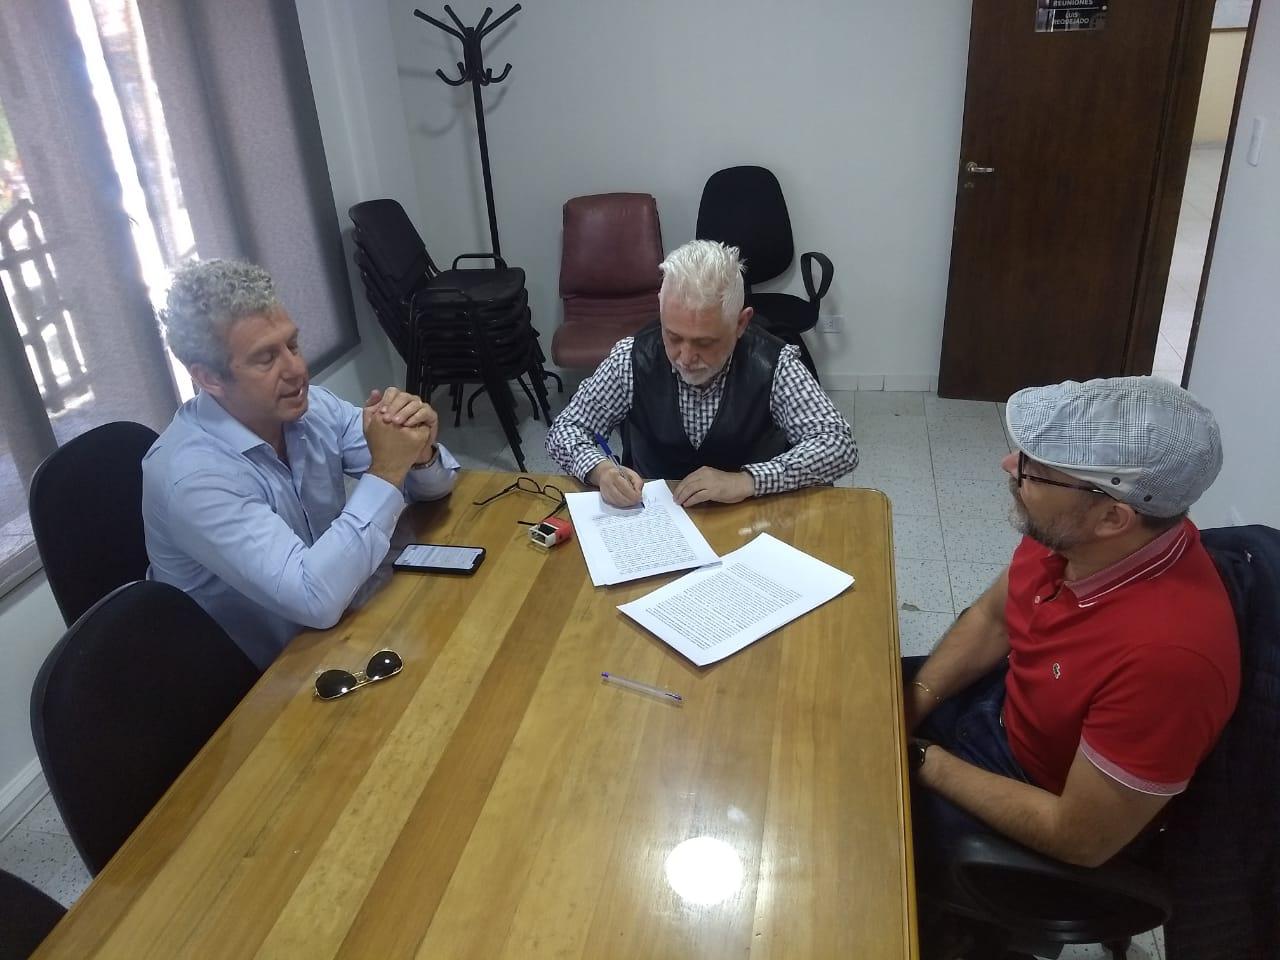 Convenio entre la Universidad de Ciencias Empresariales y Sociales (UCES) y La Cámara de Comercio y Otras Actividades Empresarias de Ushuaia.